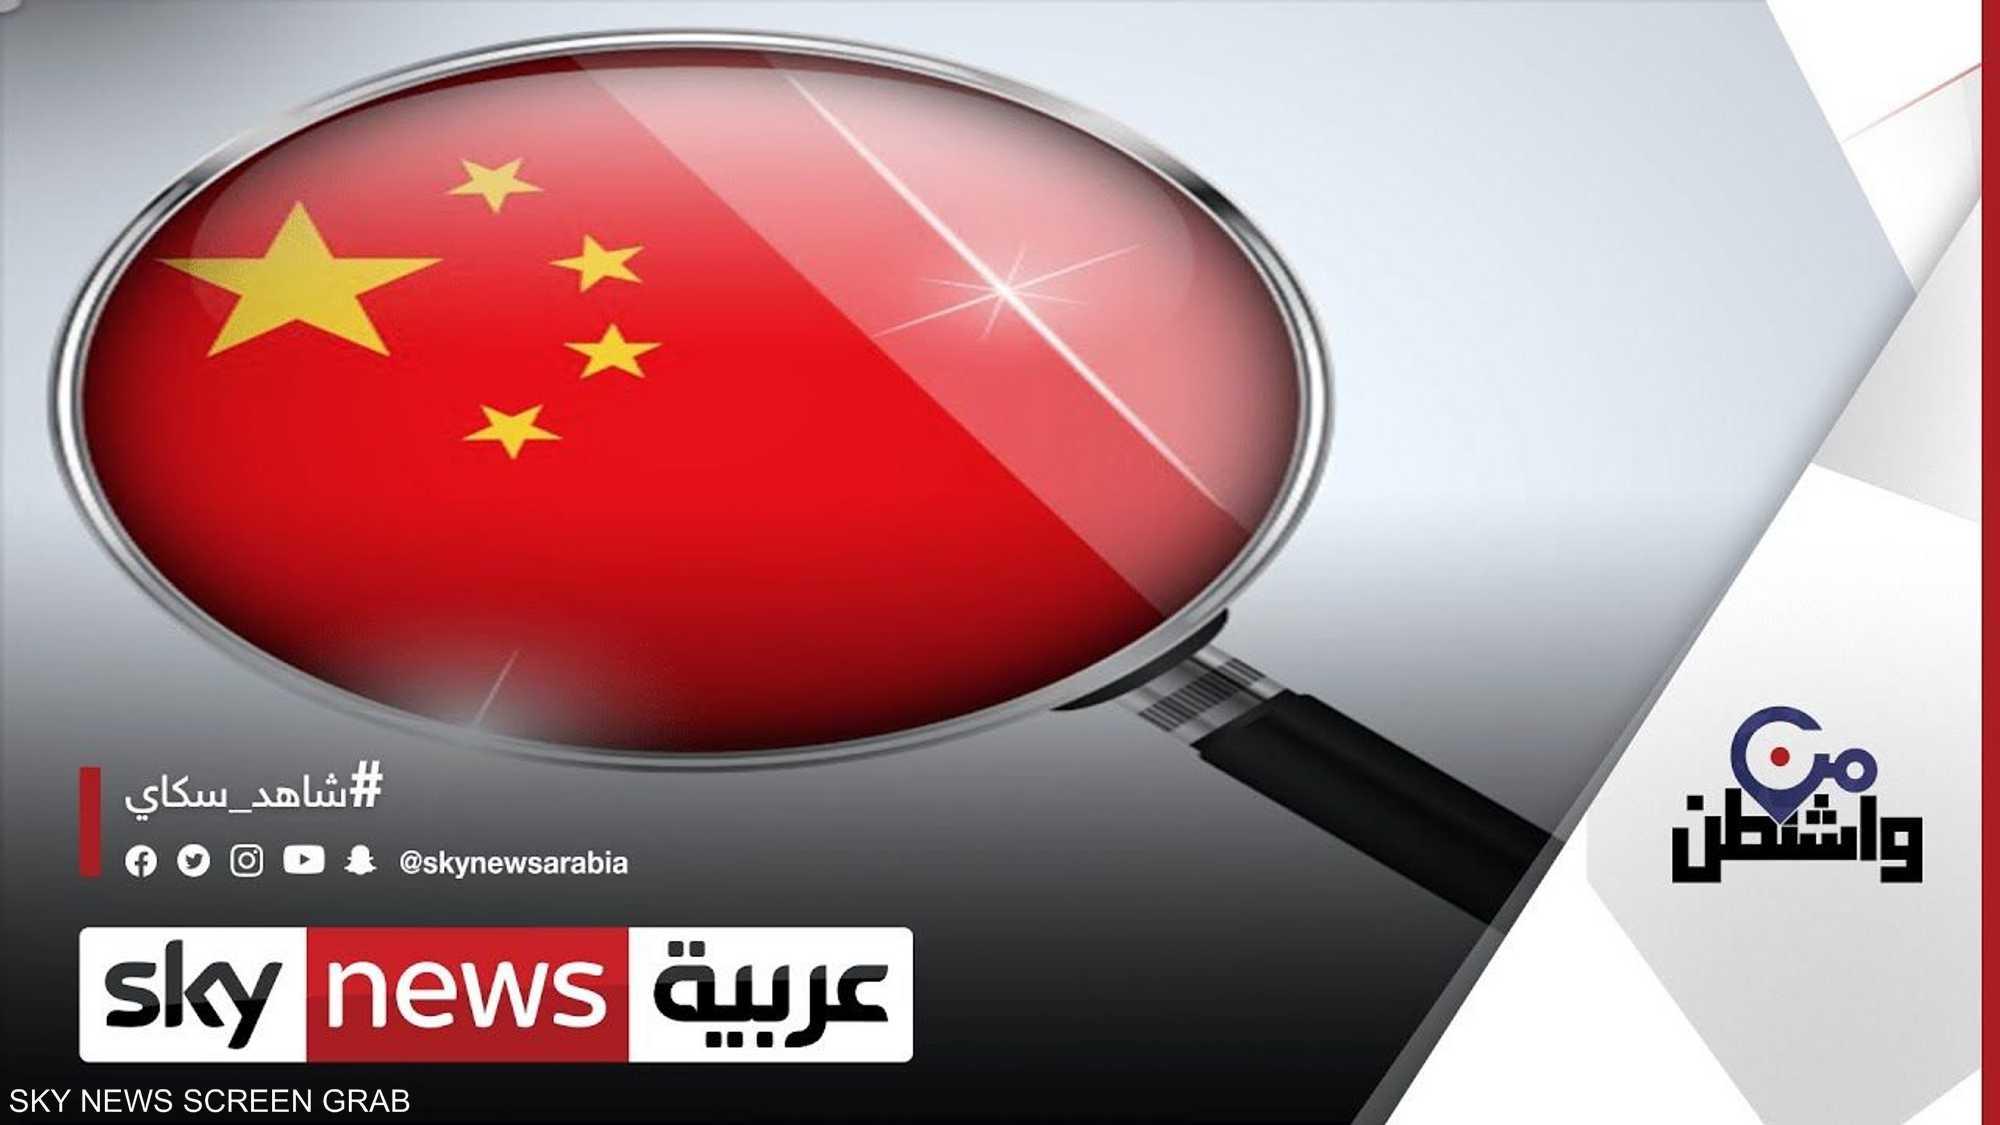 الاستخبارات الأميركية تنشىء مركزا خاصا بالصين